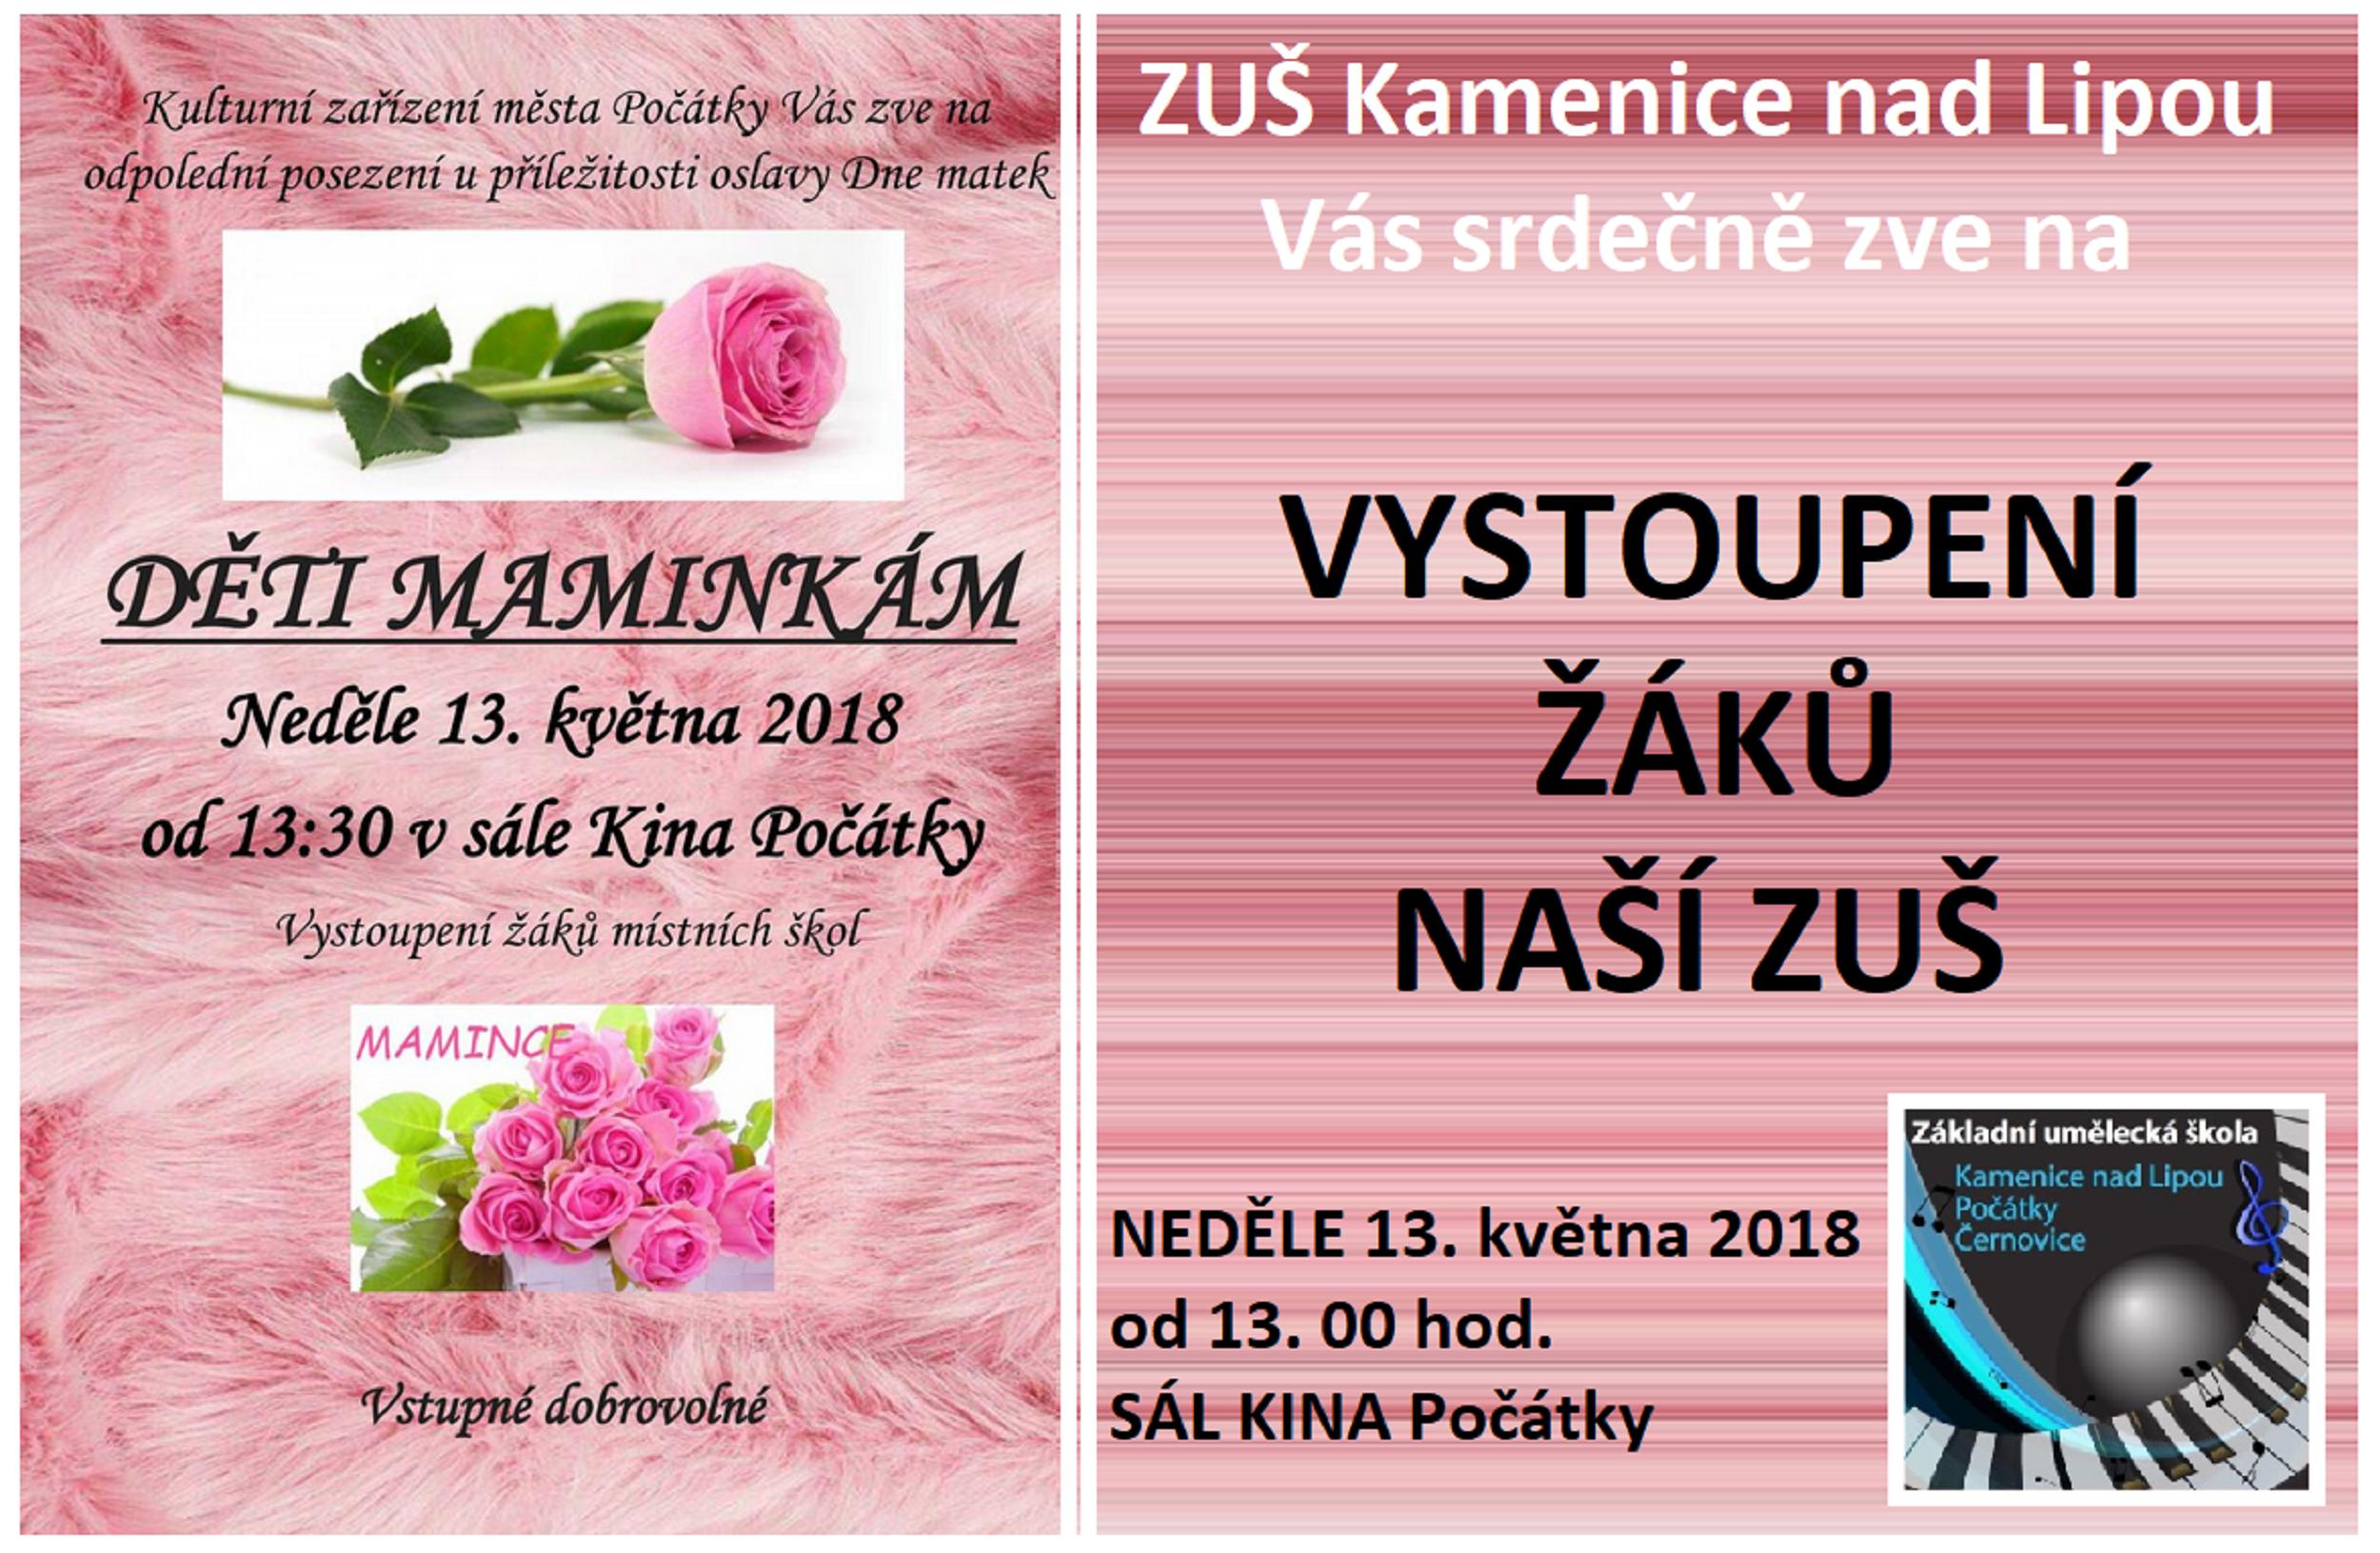 13. 5. 2018 - DĚTI MAMINKÁM - POČÁTKY